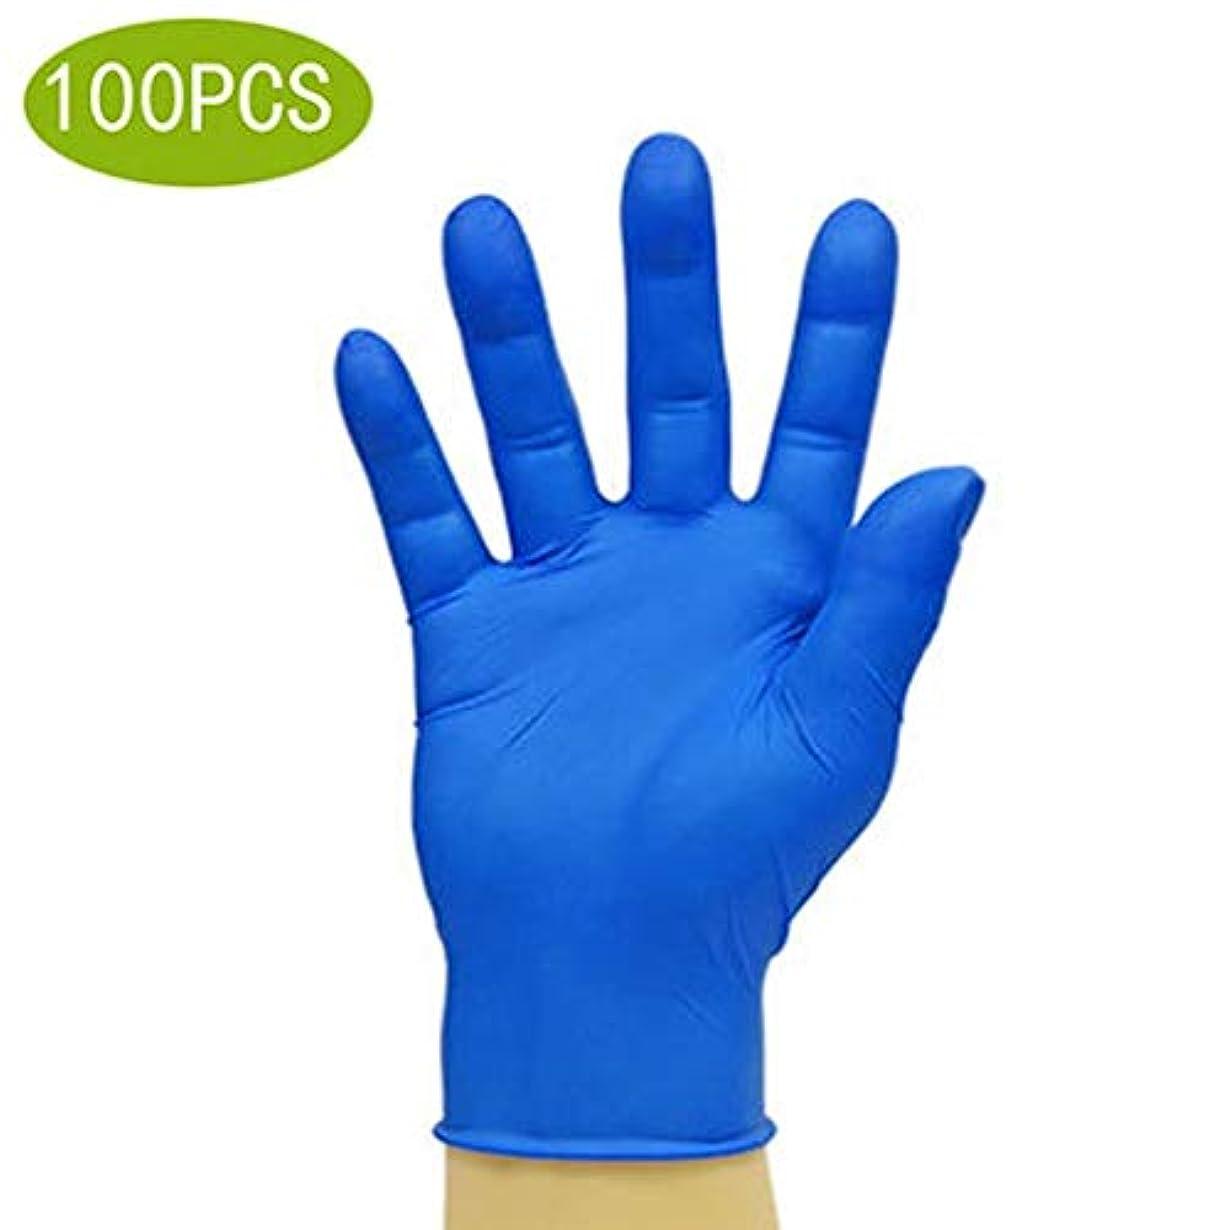 売る増幅器生理家庭用品使い捨て手袋ニトリル試験手袋医療用グレードパウダーフリー非S-L、インディゴ、ラージ、100カウント (Size : S)